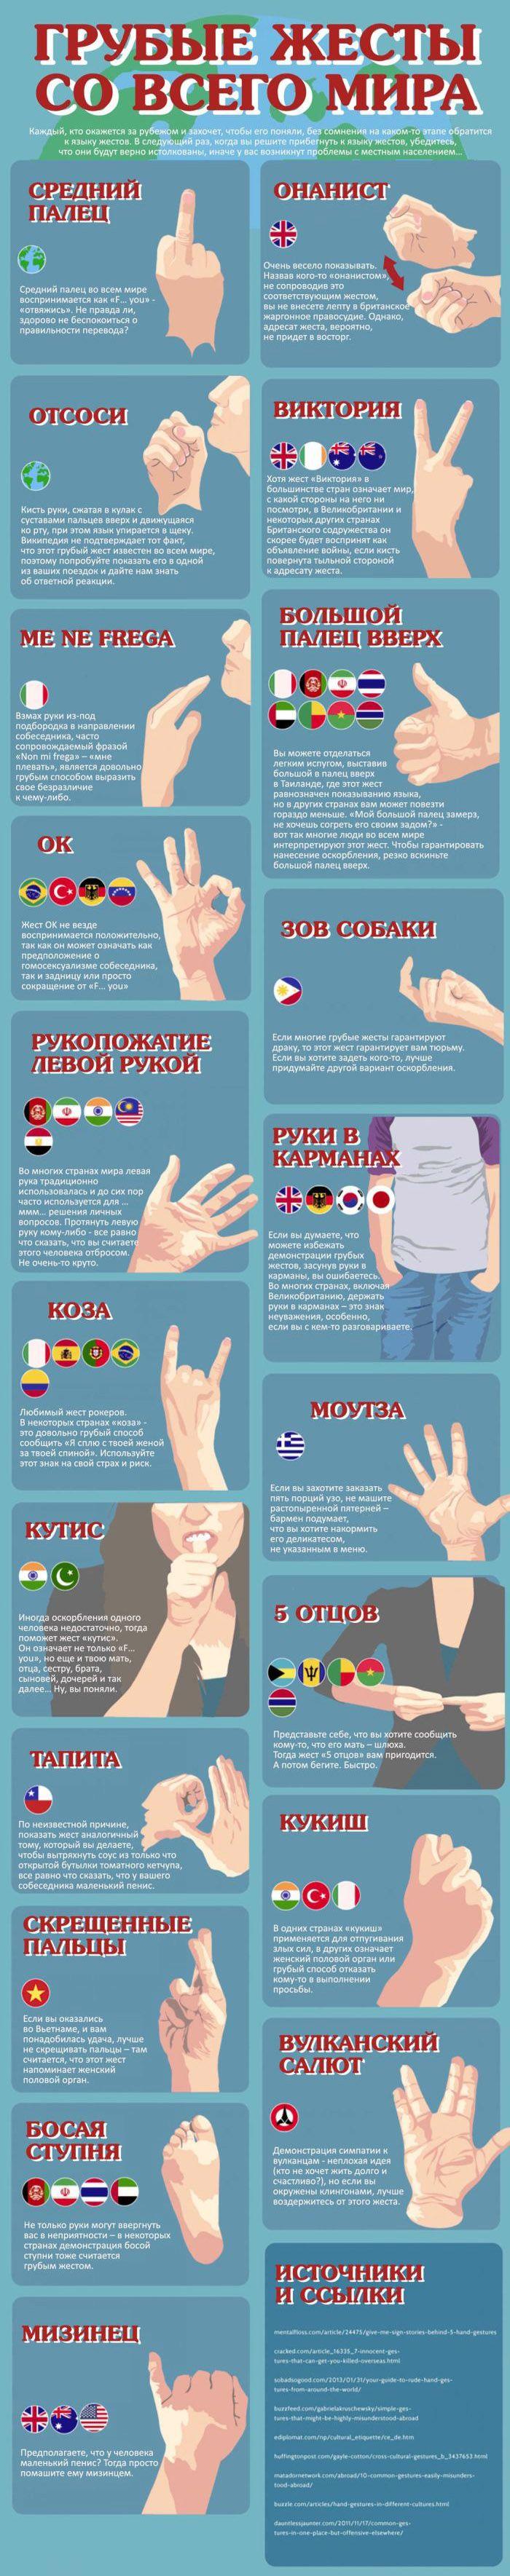 Грубые жесты из разных стран мира (1 картинка)